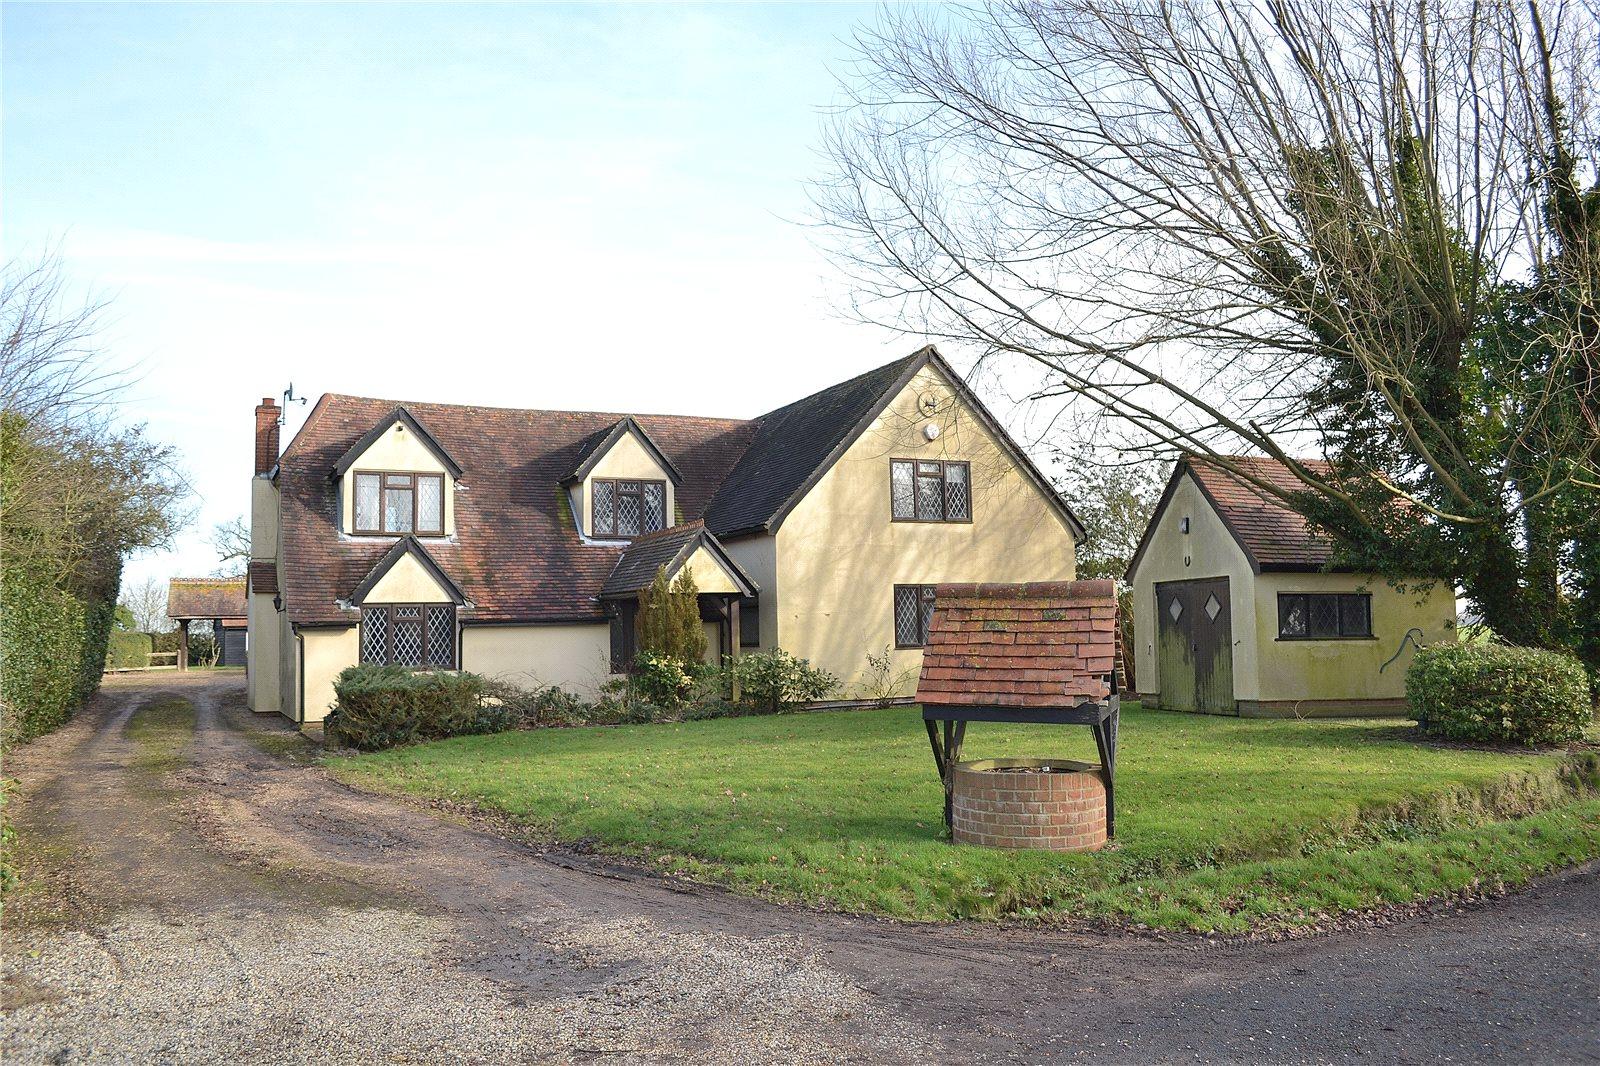 独户住宅 为 销售 在 Browns End Road, Broxted, Dunmow, Essex, CM6 Dunmow, 英格兰